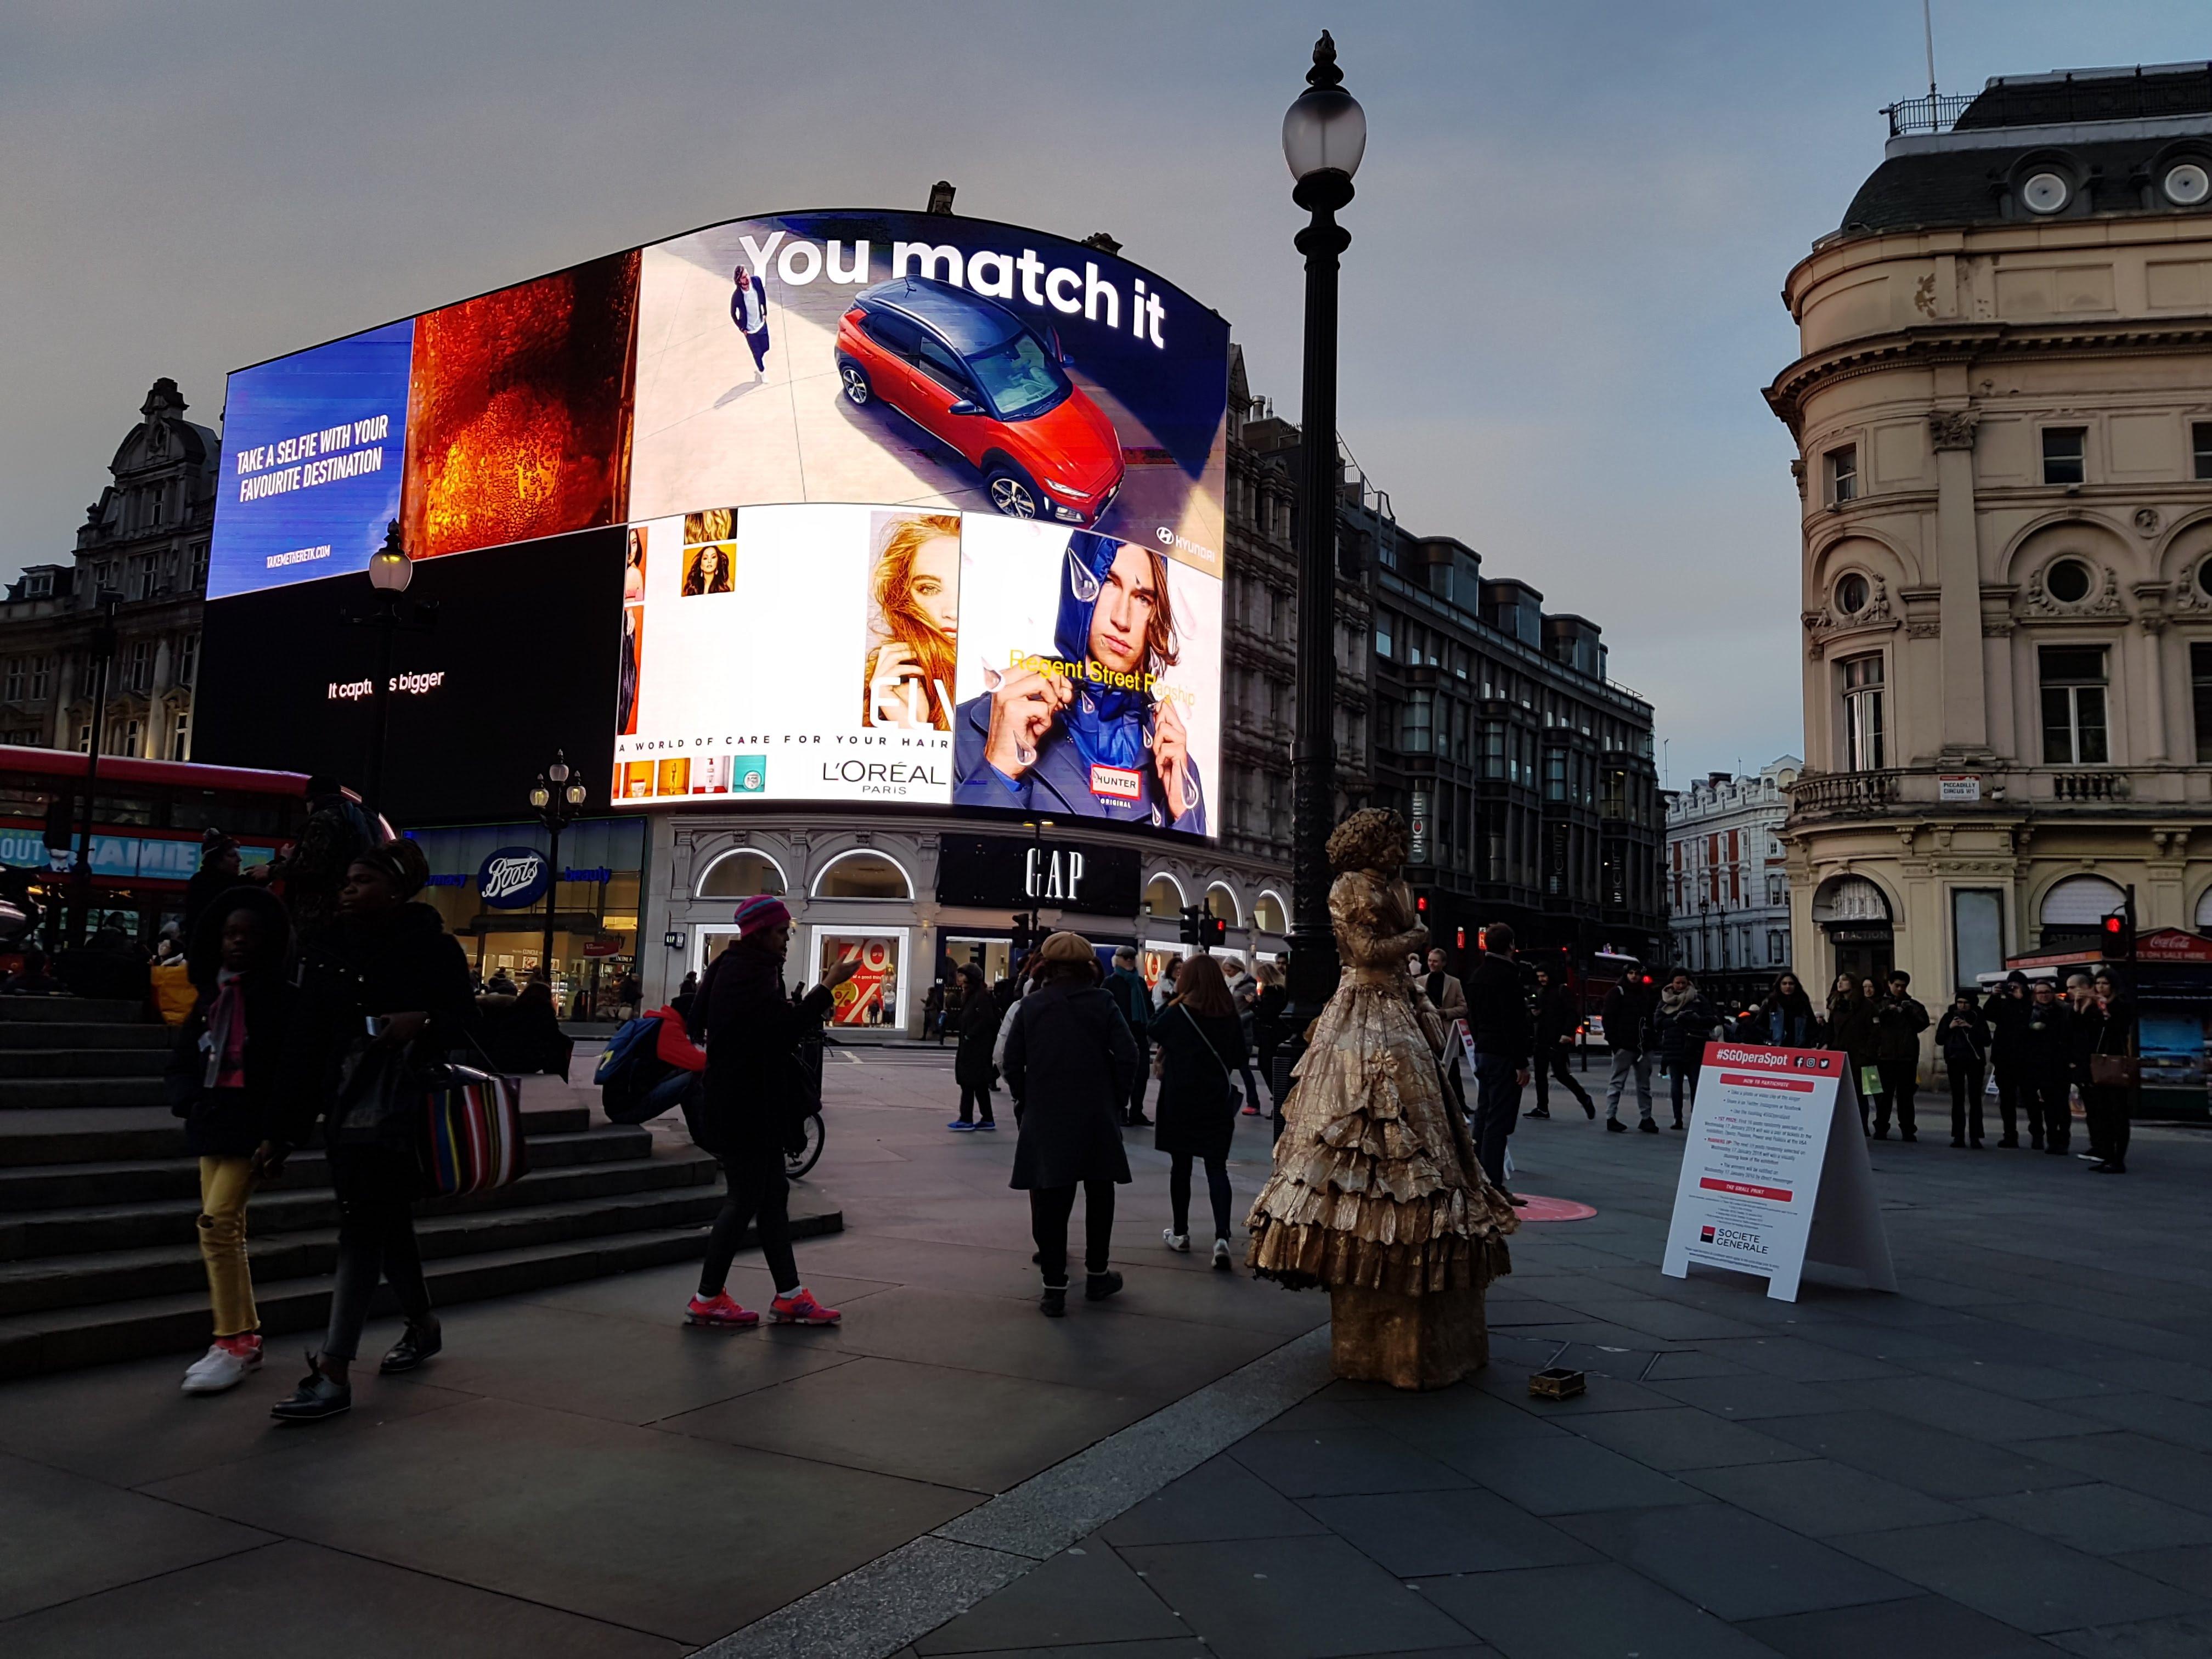 Piccadilly Circus, Londres, à noite. Um artista de rua fazendo de conta que é um estátua humano com muita gente ao redor num fim de tarde. Anúncio da Coca-Cola e de carro no novo telão 4k